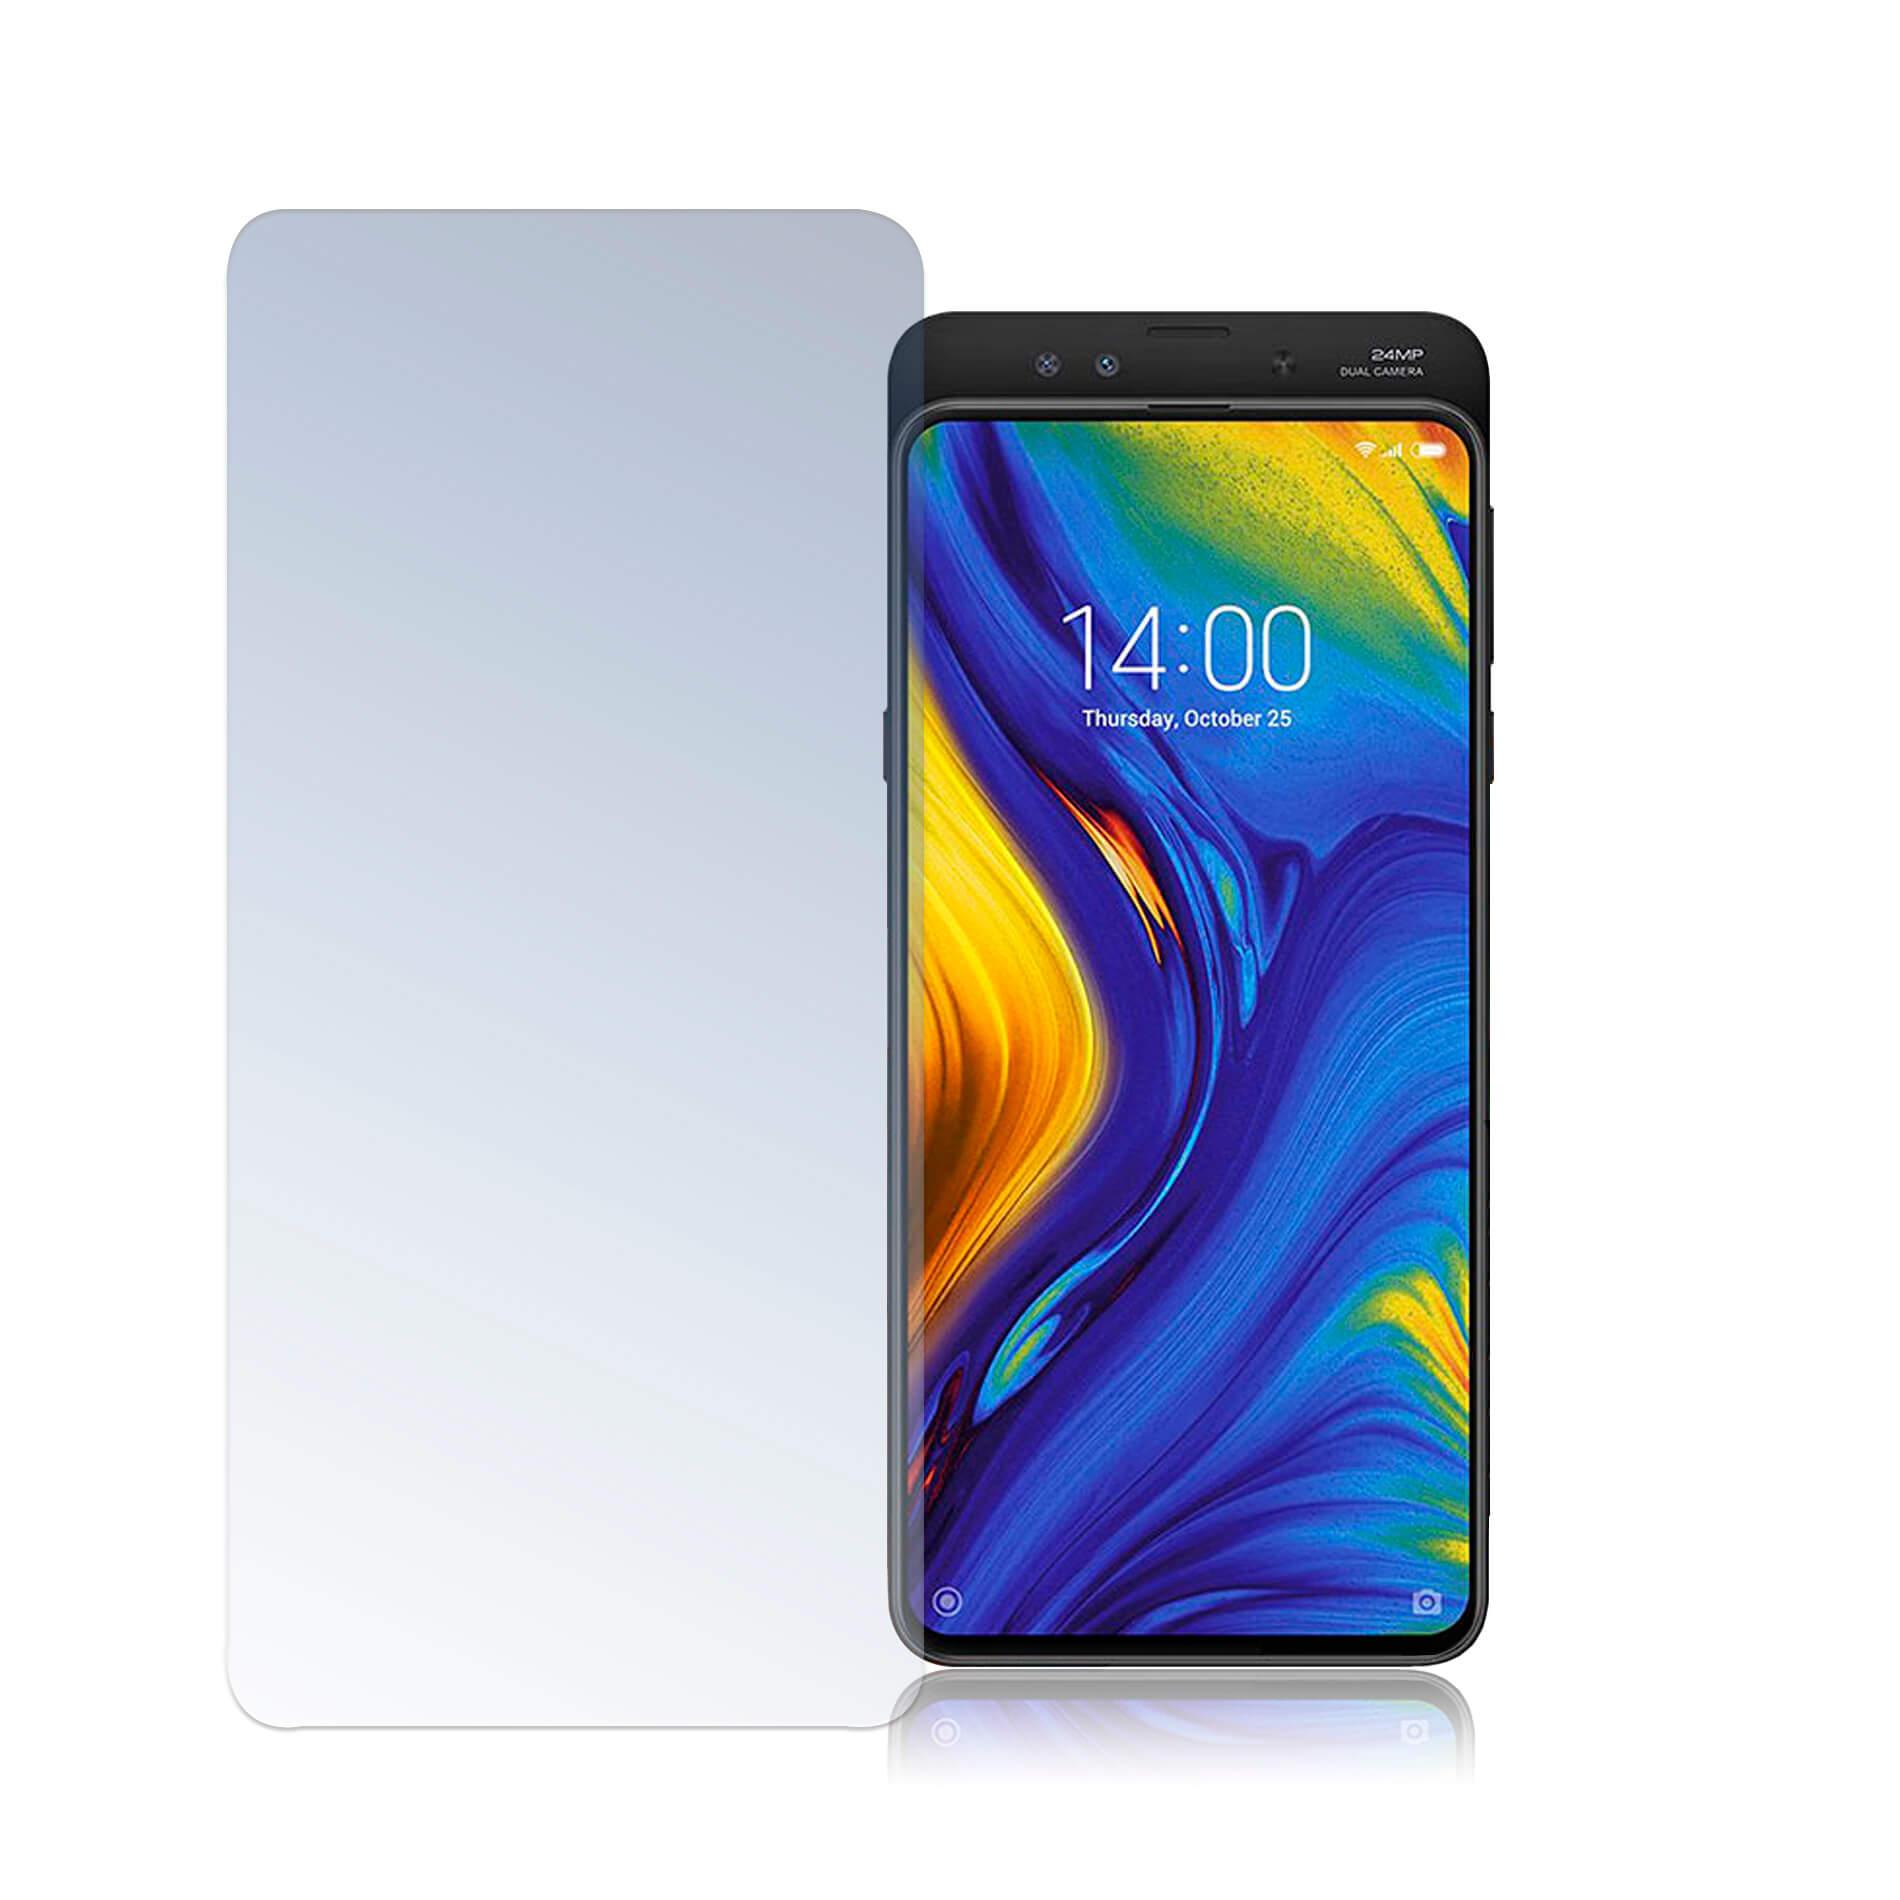 4smarts Second Glass Limited Cover - калено стъклено защитно покритие за дисплея на Xiaomi Mi Mix 3 (прозрачен)